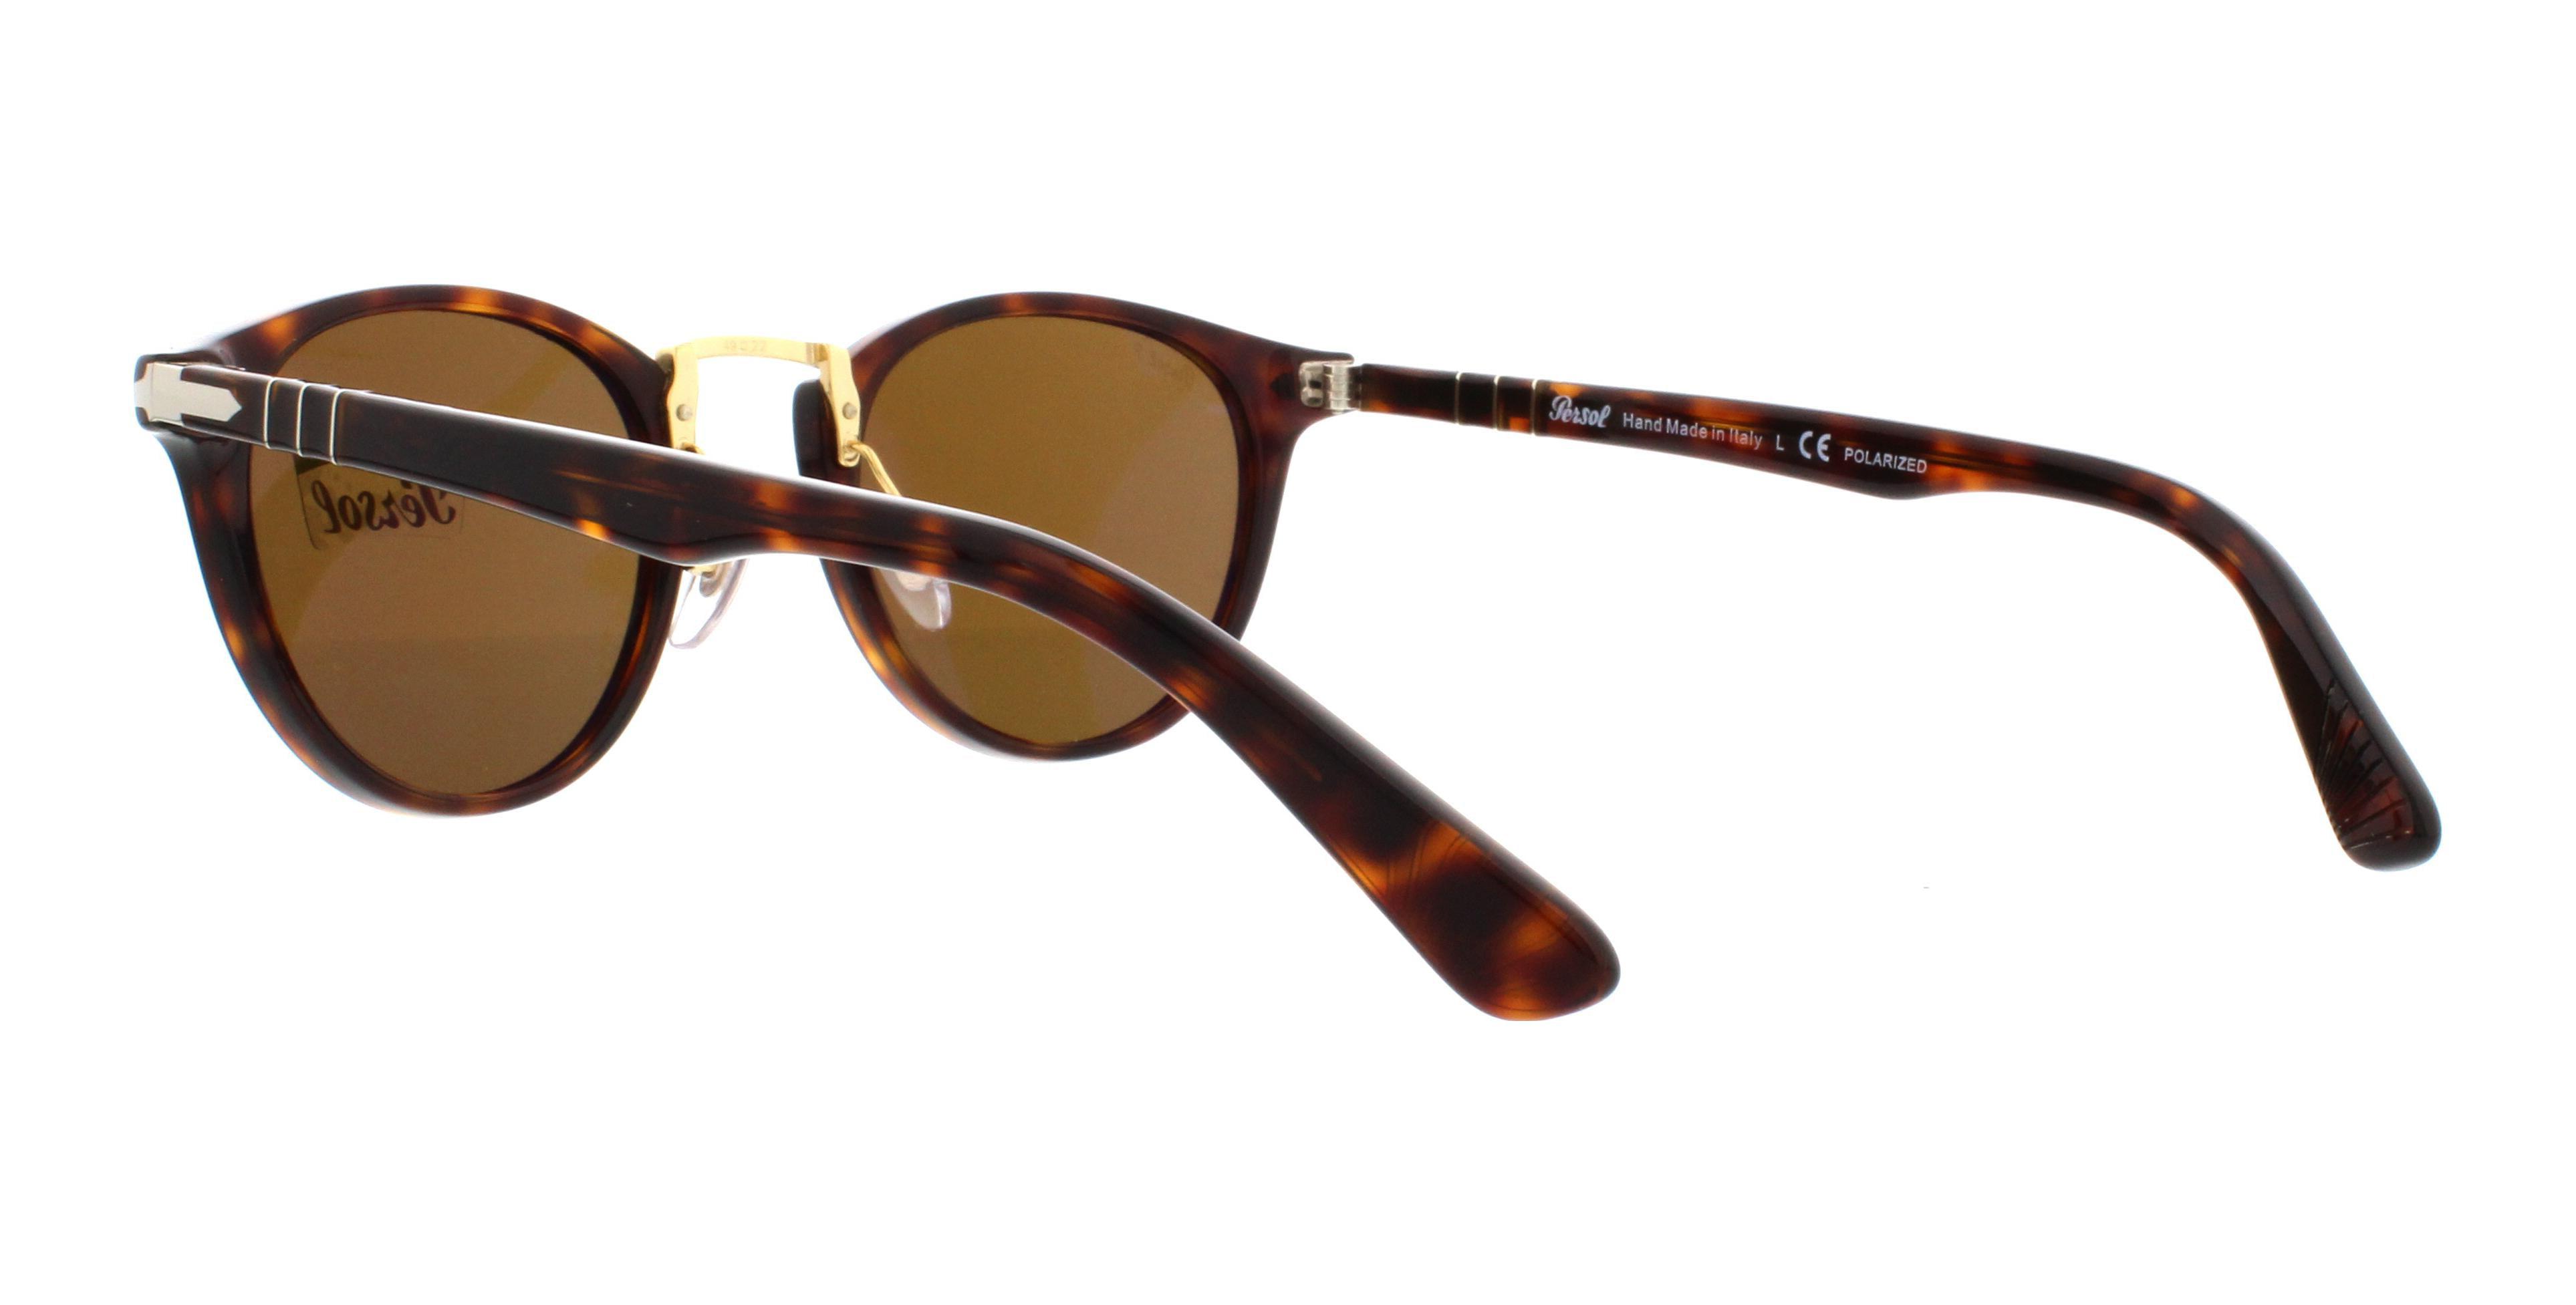 b10bb89307edd PERSOL - PERSOL Sunglasses PO 3108S 24 57 Havana 49MM - Walmart.com